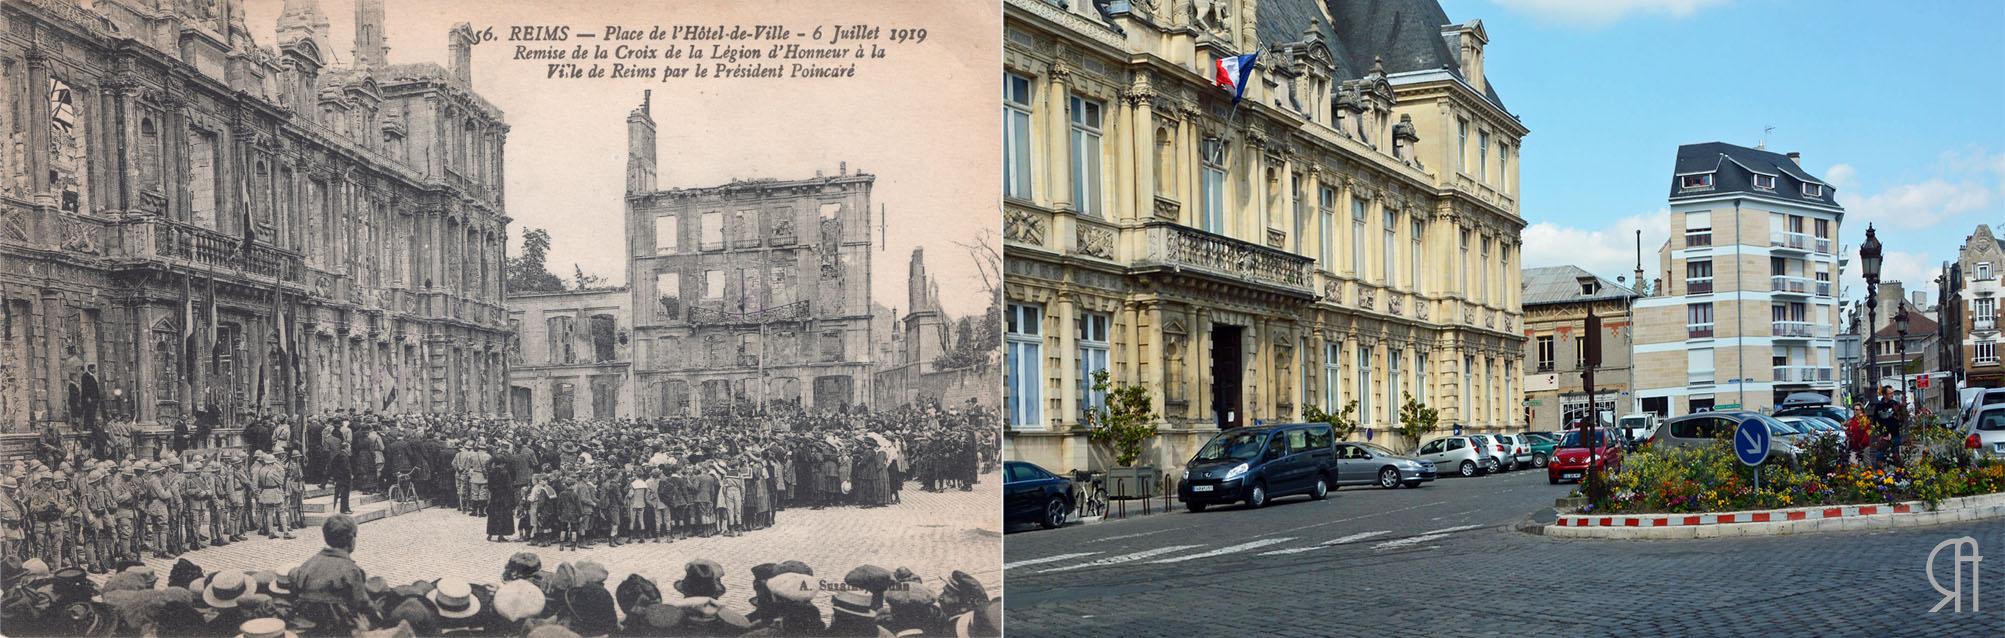 La remise de la Légion d'Honneur à la ville de Reims en juillet 1919